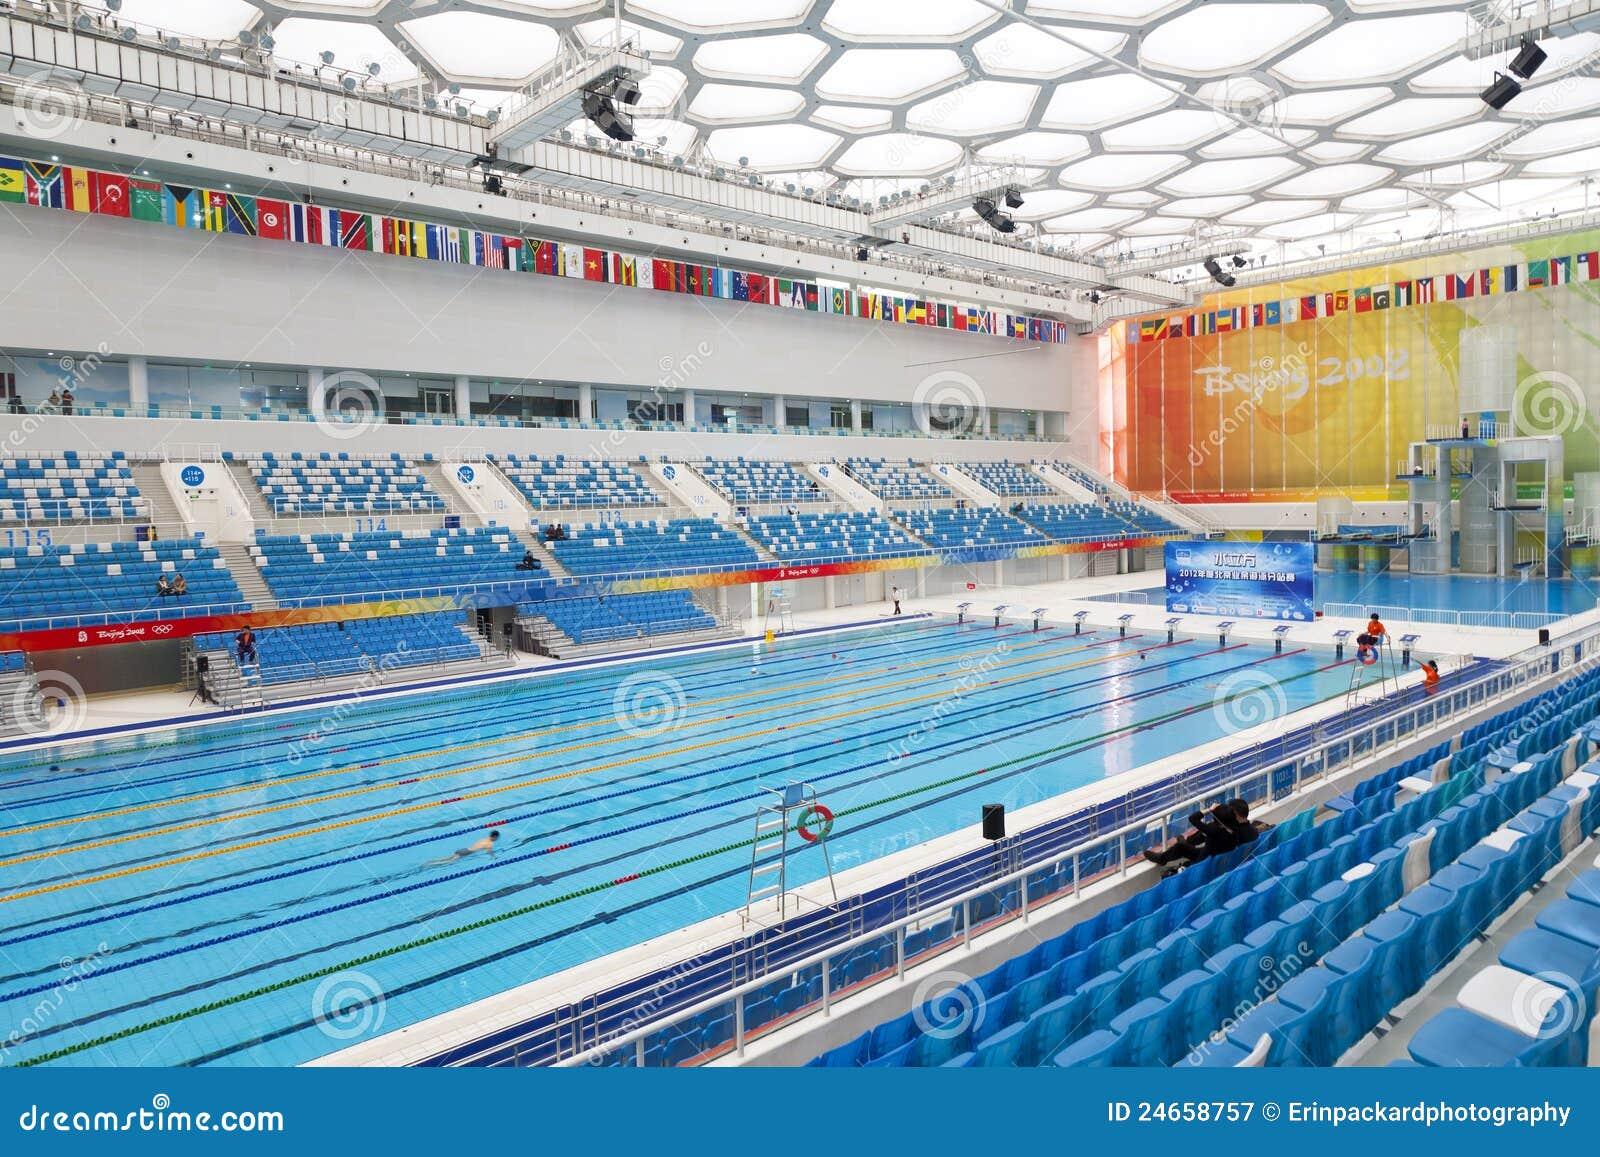 Piscine olympique photographie ditorial image 24658757 - Piscine olympique paris ...